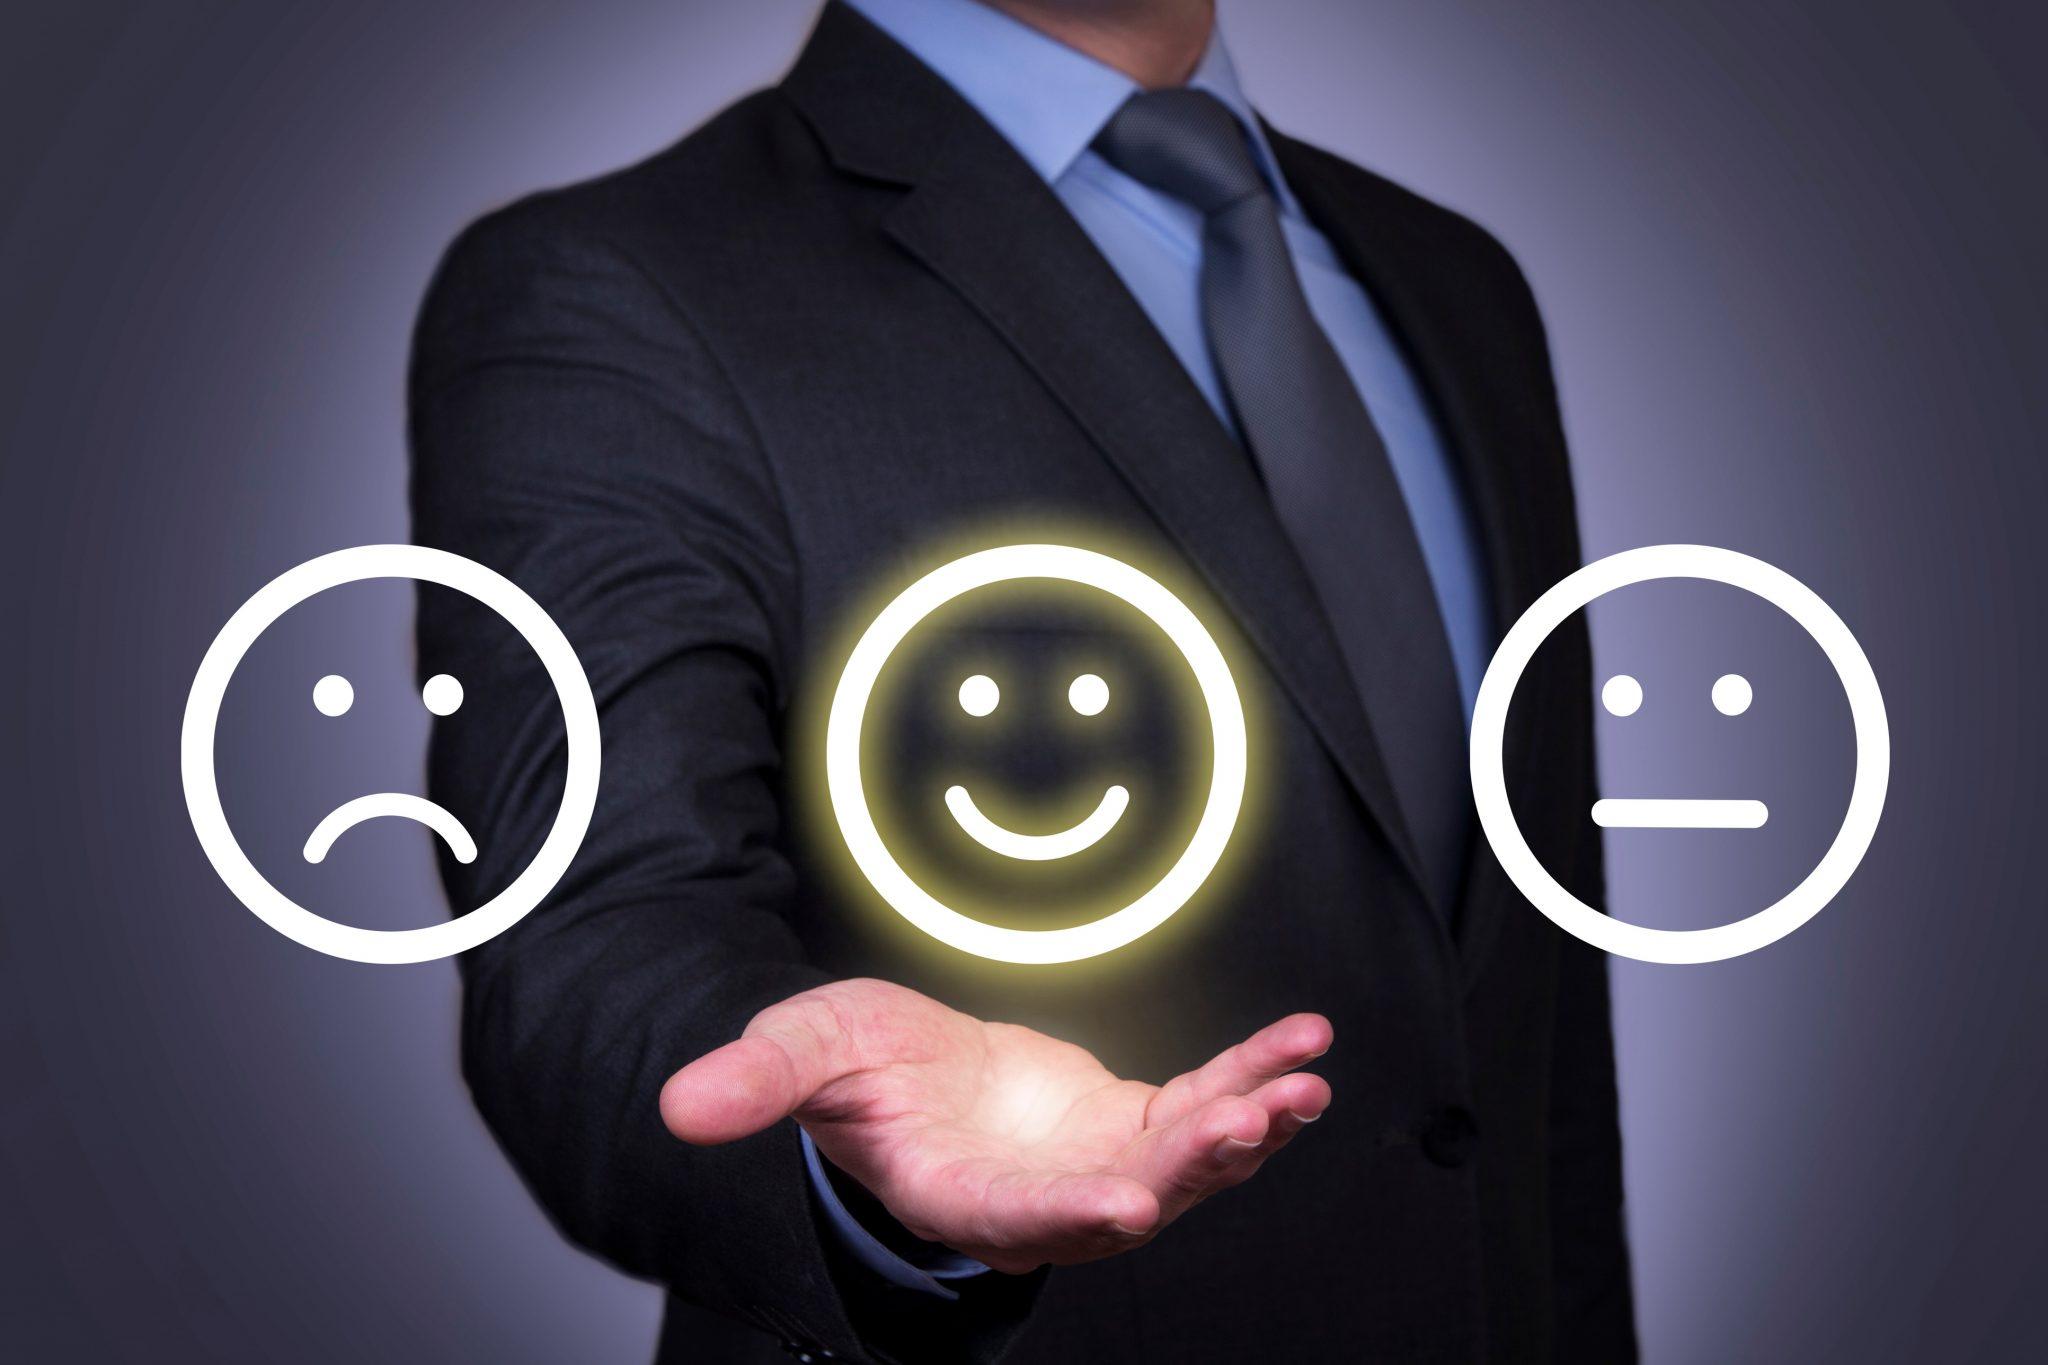 Các bước theo dõi sự hài lòng của khách hàng